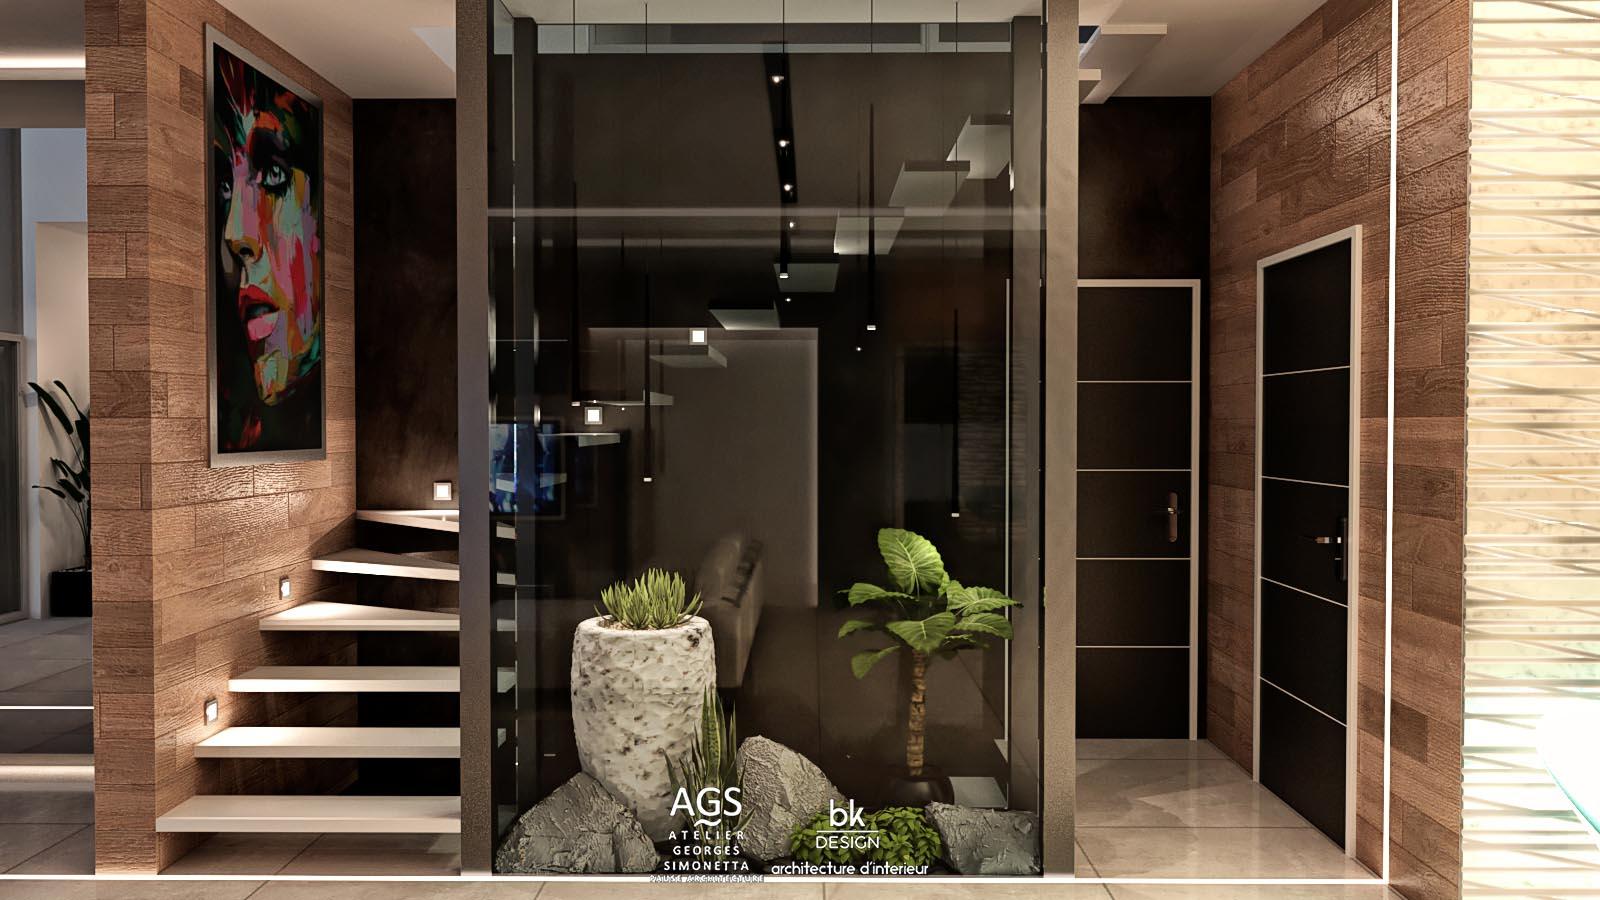 25 bk Design Projet Rombas Escalier v2 01